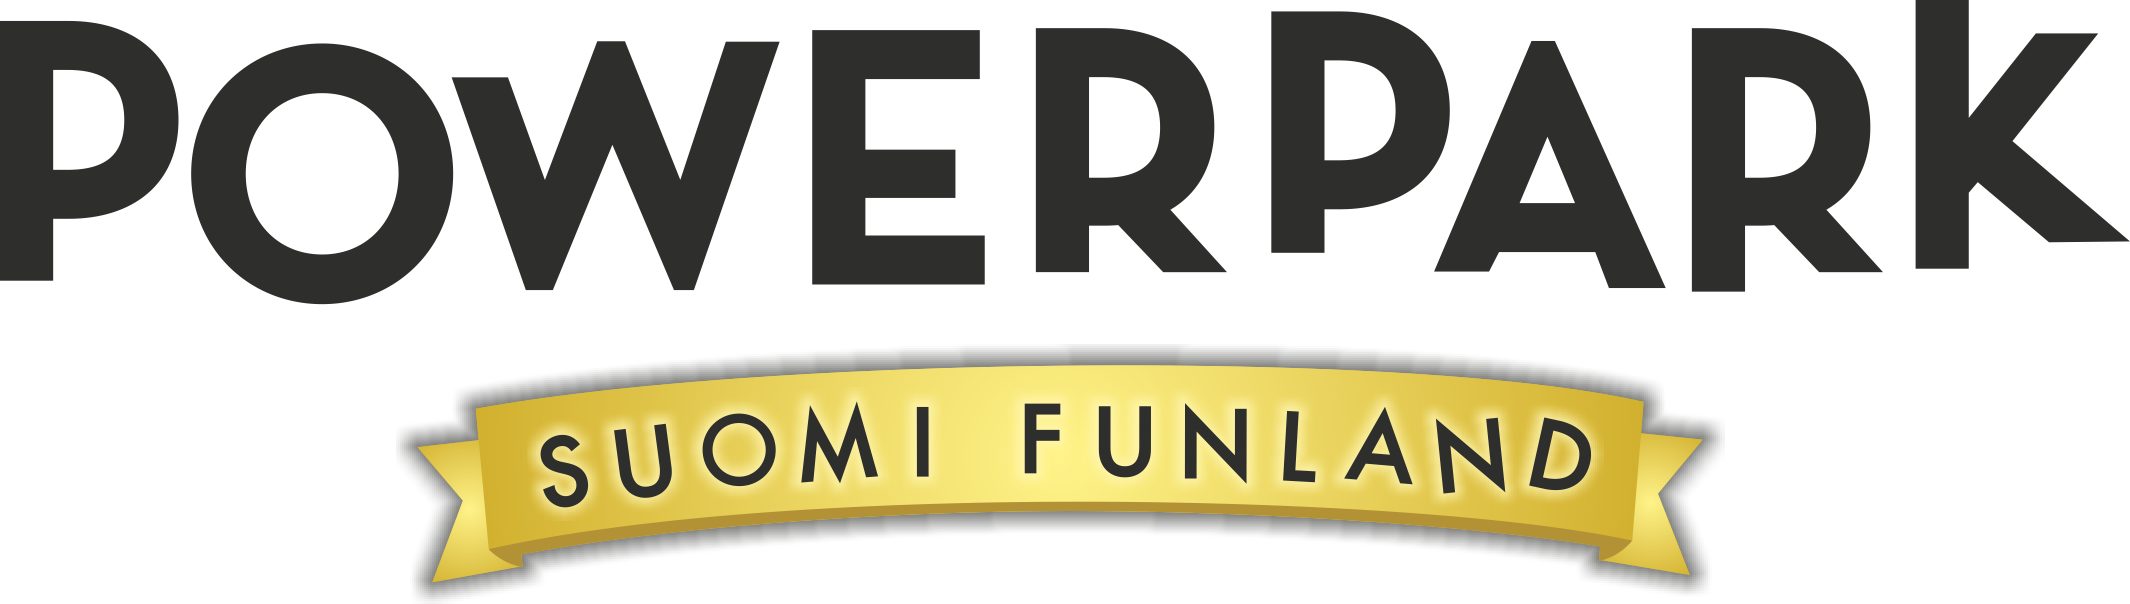 Seinäjoki - Power Park - Logo